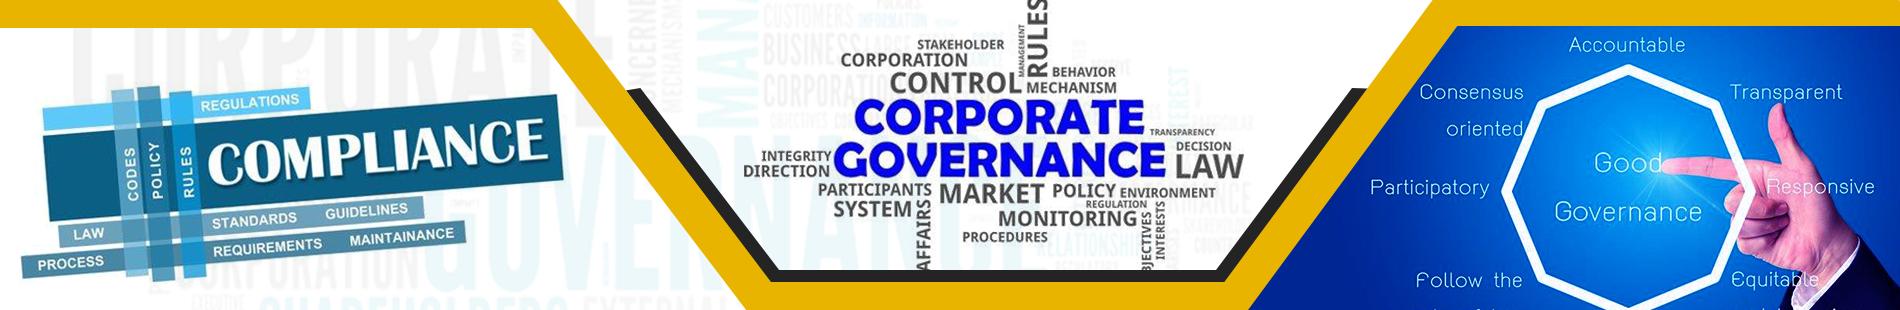 Transfer of shares to IEPF Suspense Account